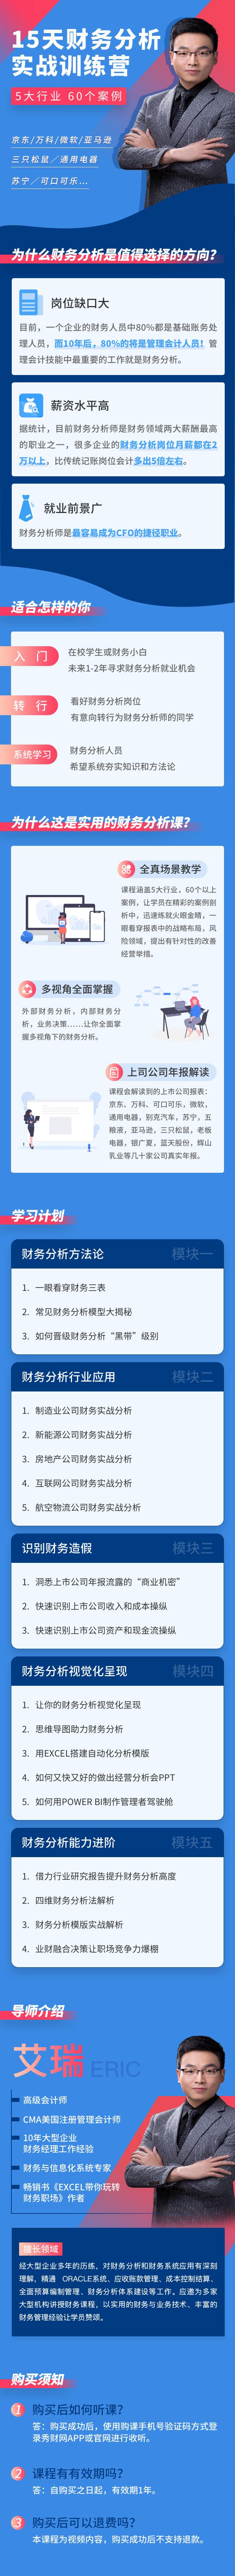 15天财务分析实战训练营.jpg